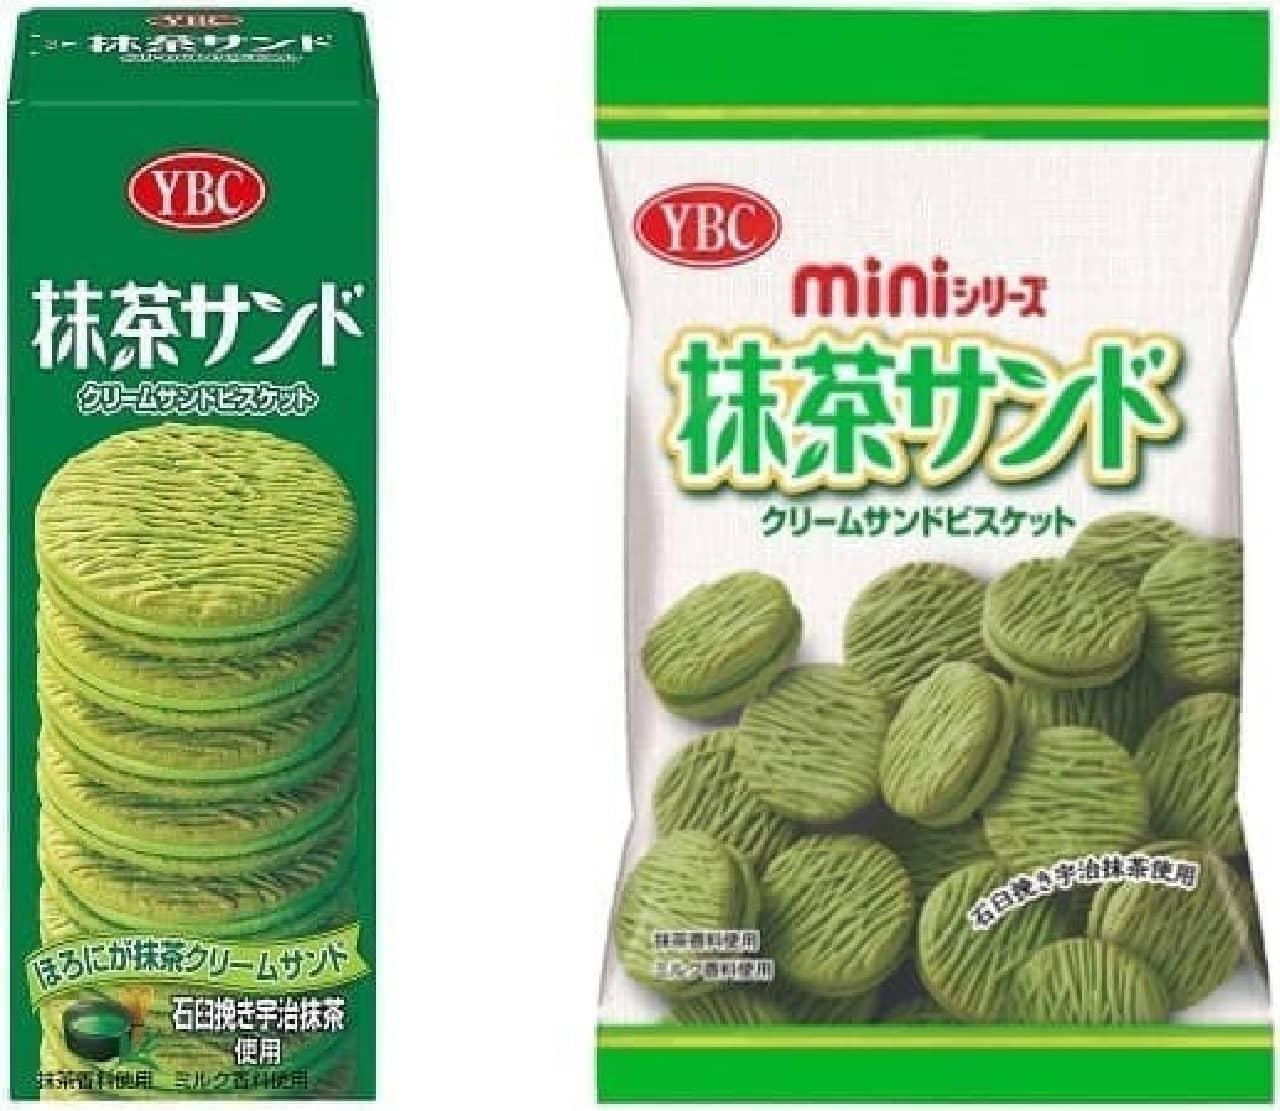 ヤマザキビスケット「抹茶サンド ハンディパック」「抹茶サンド ミニシリーズ」